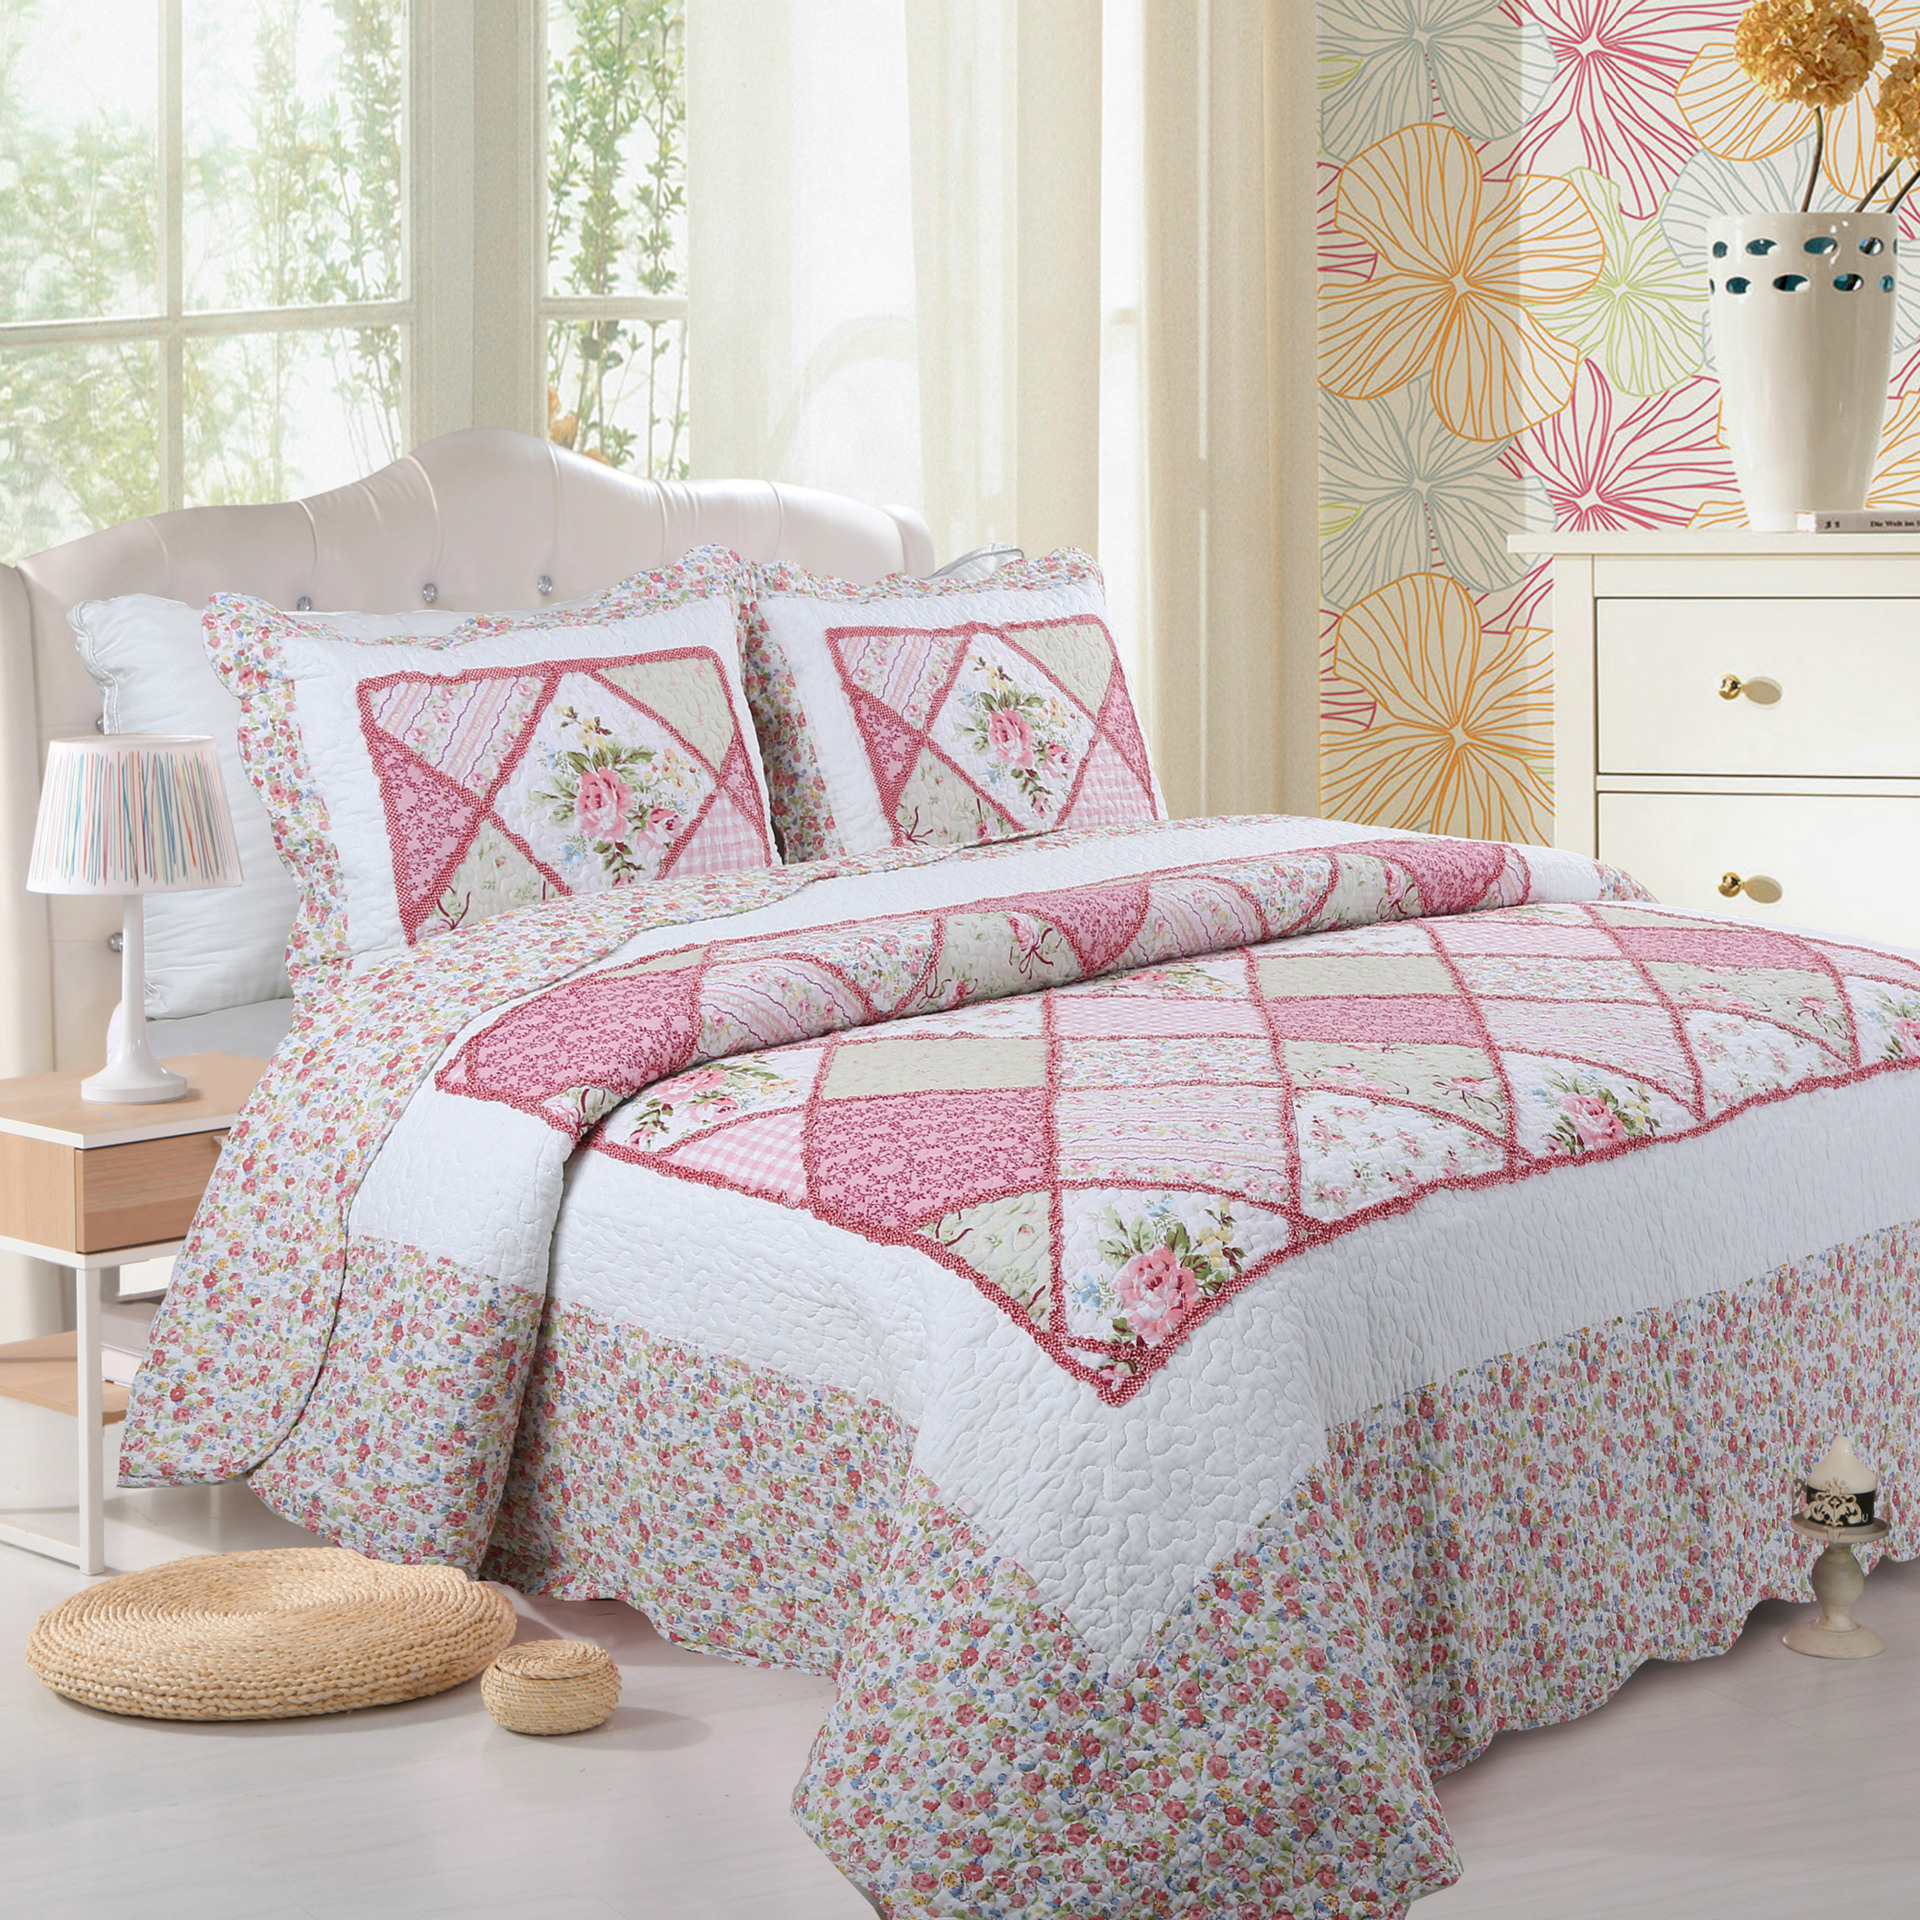 3 pièces Rose Rose Patchwork couvre-lit couvre-lit oreiller shams 100% coton riche lit jeter canapé couverture réversible couvre-lit Ultra doux